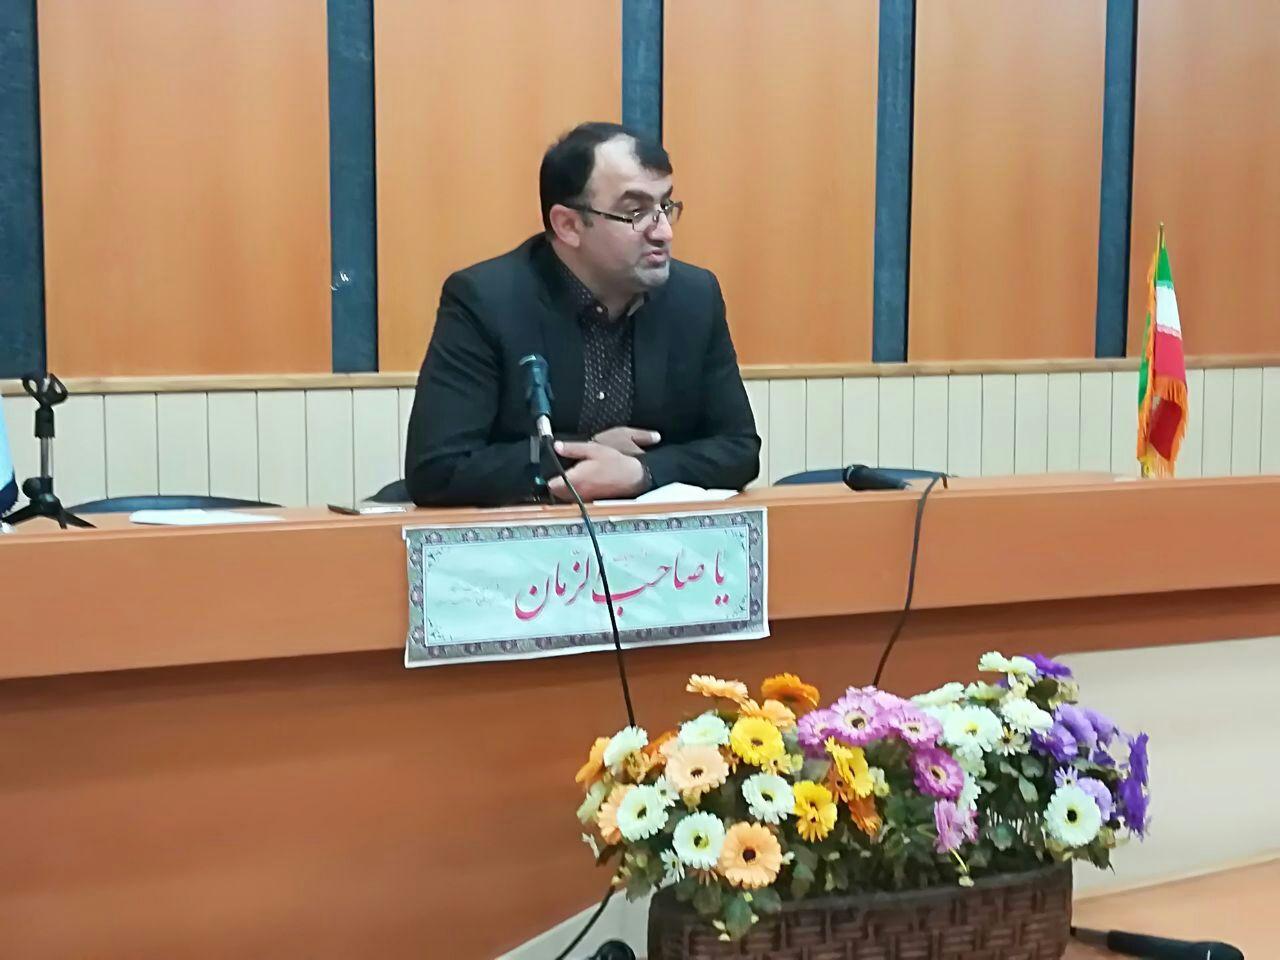 برگزاری نشست هم اندیشی بخشدار با دهیاران و اعضای شورای بخش چهاردانگه